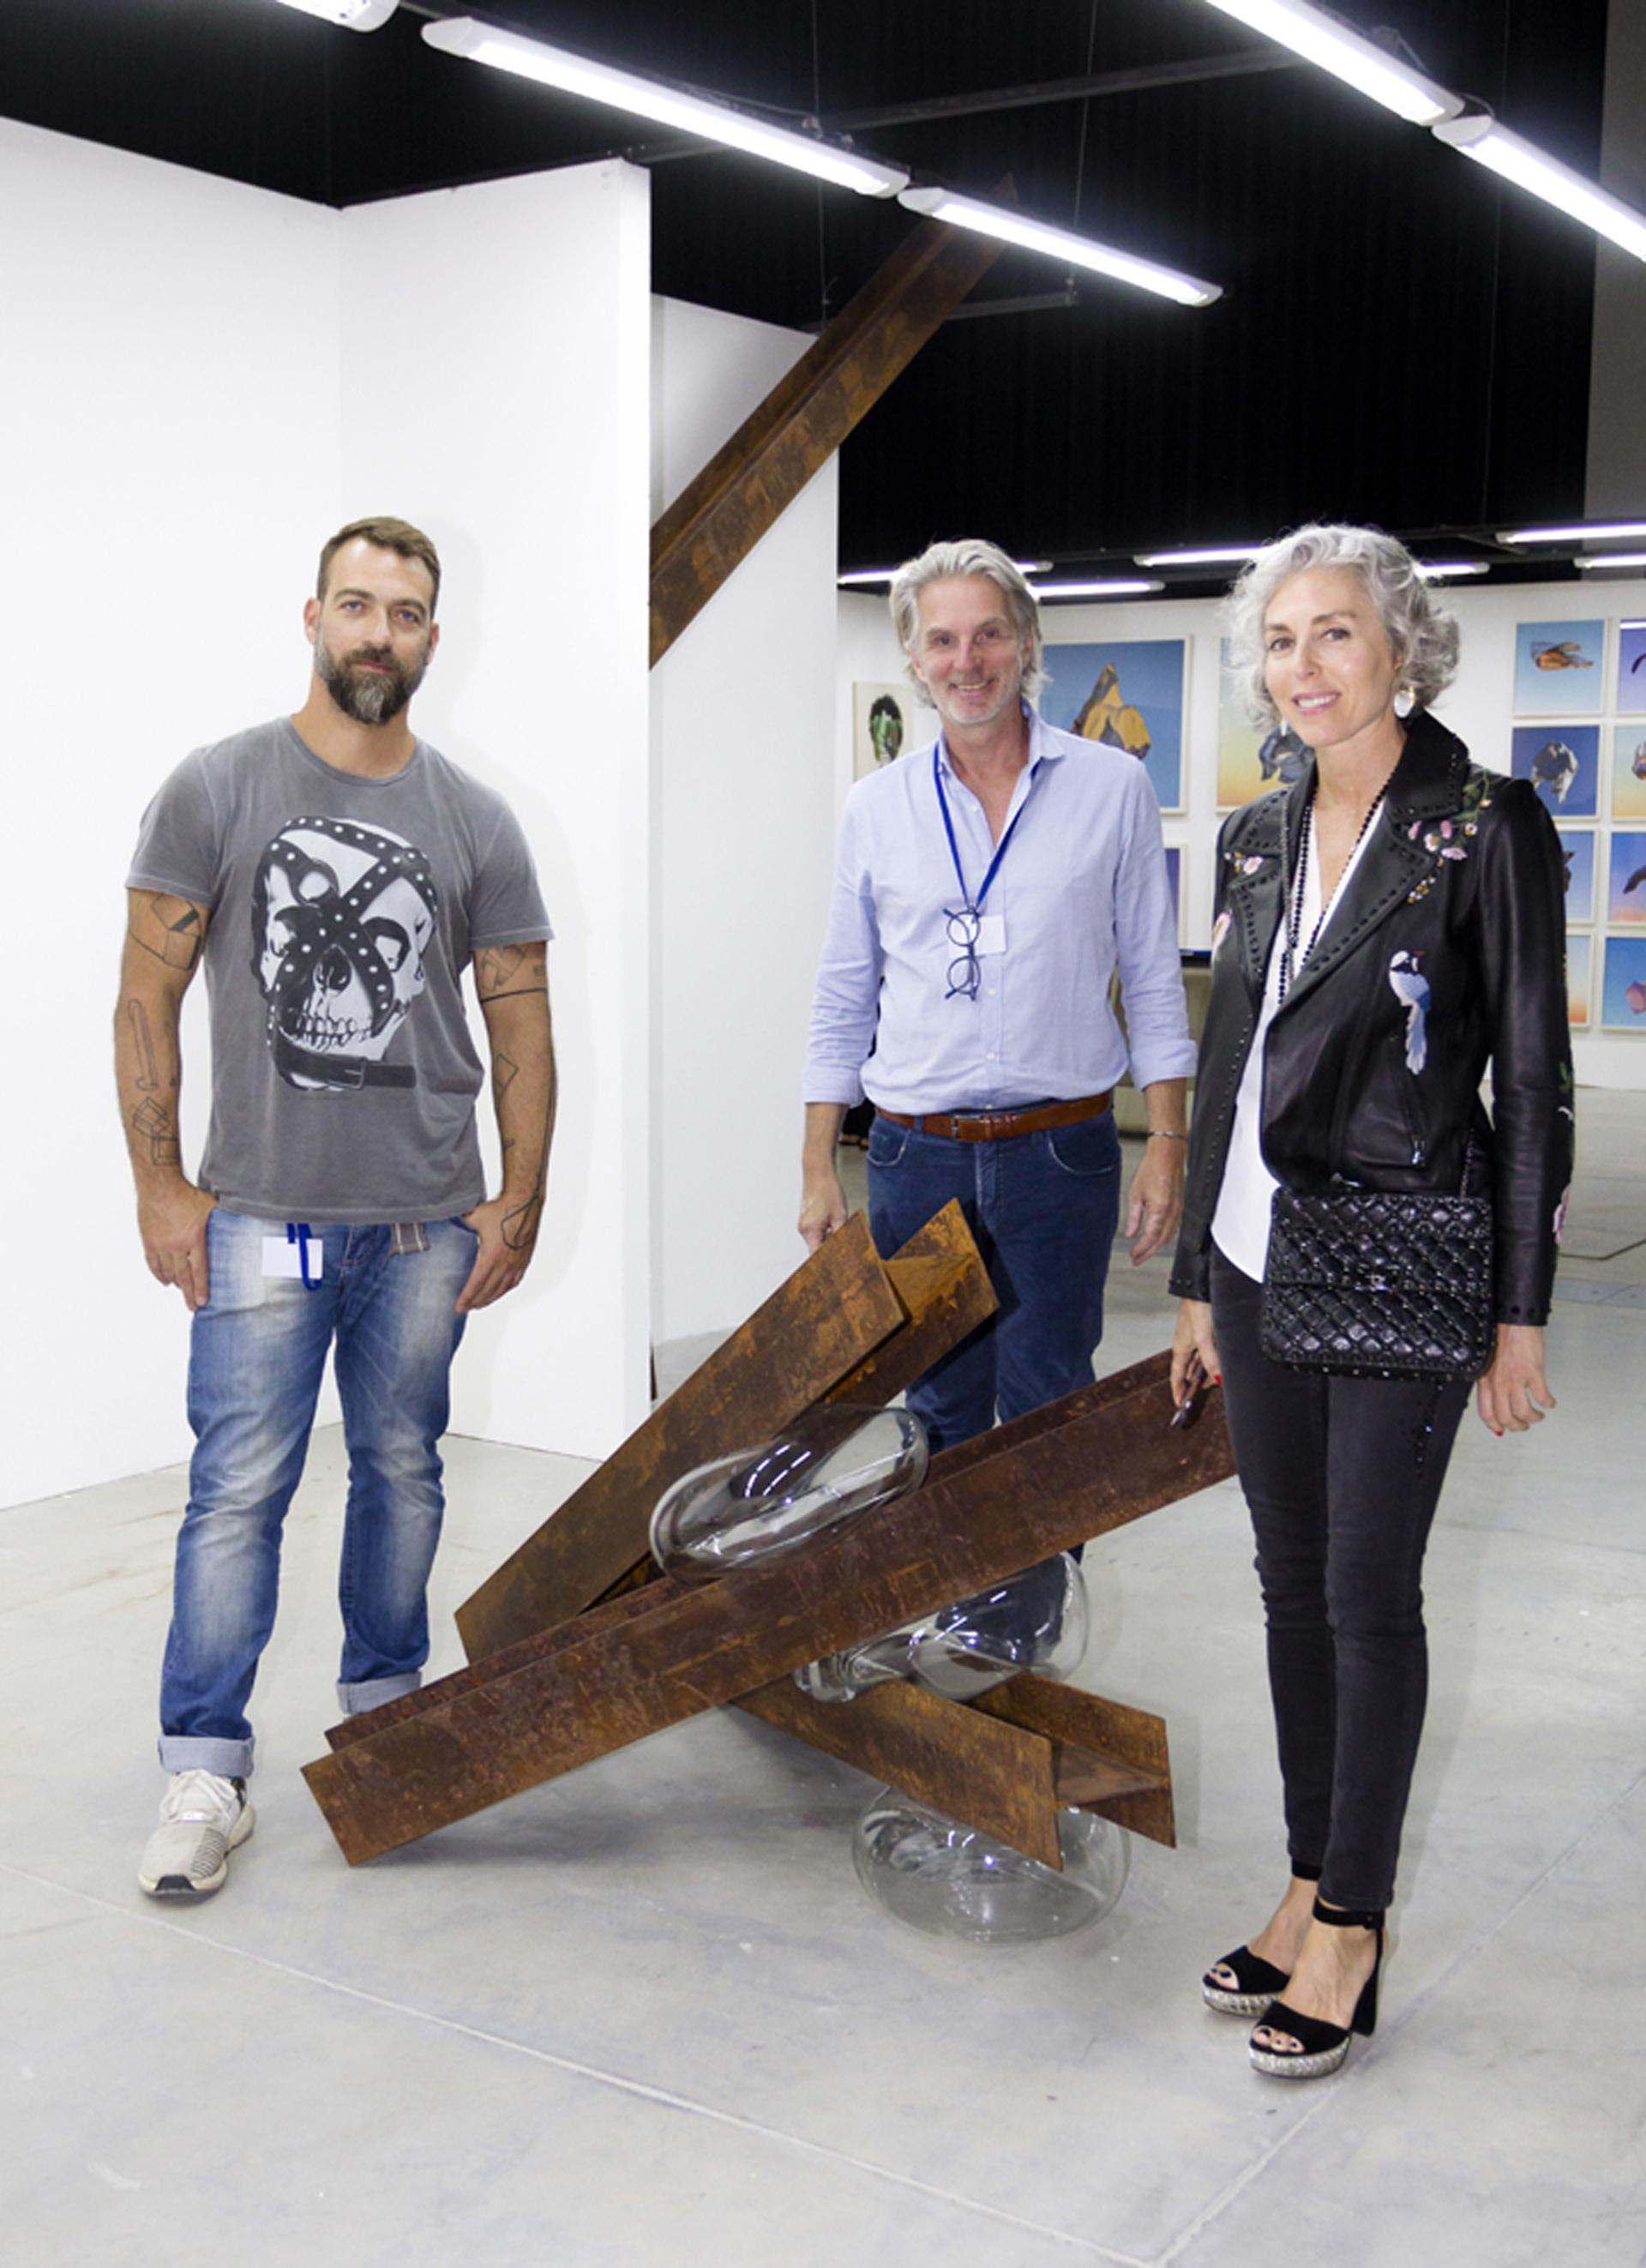 El artista Tulio Pinto, Martín Bernet y Jackie Parisier